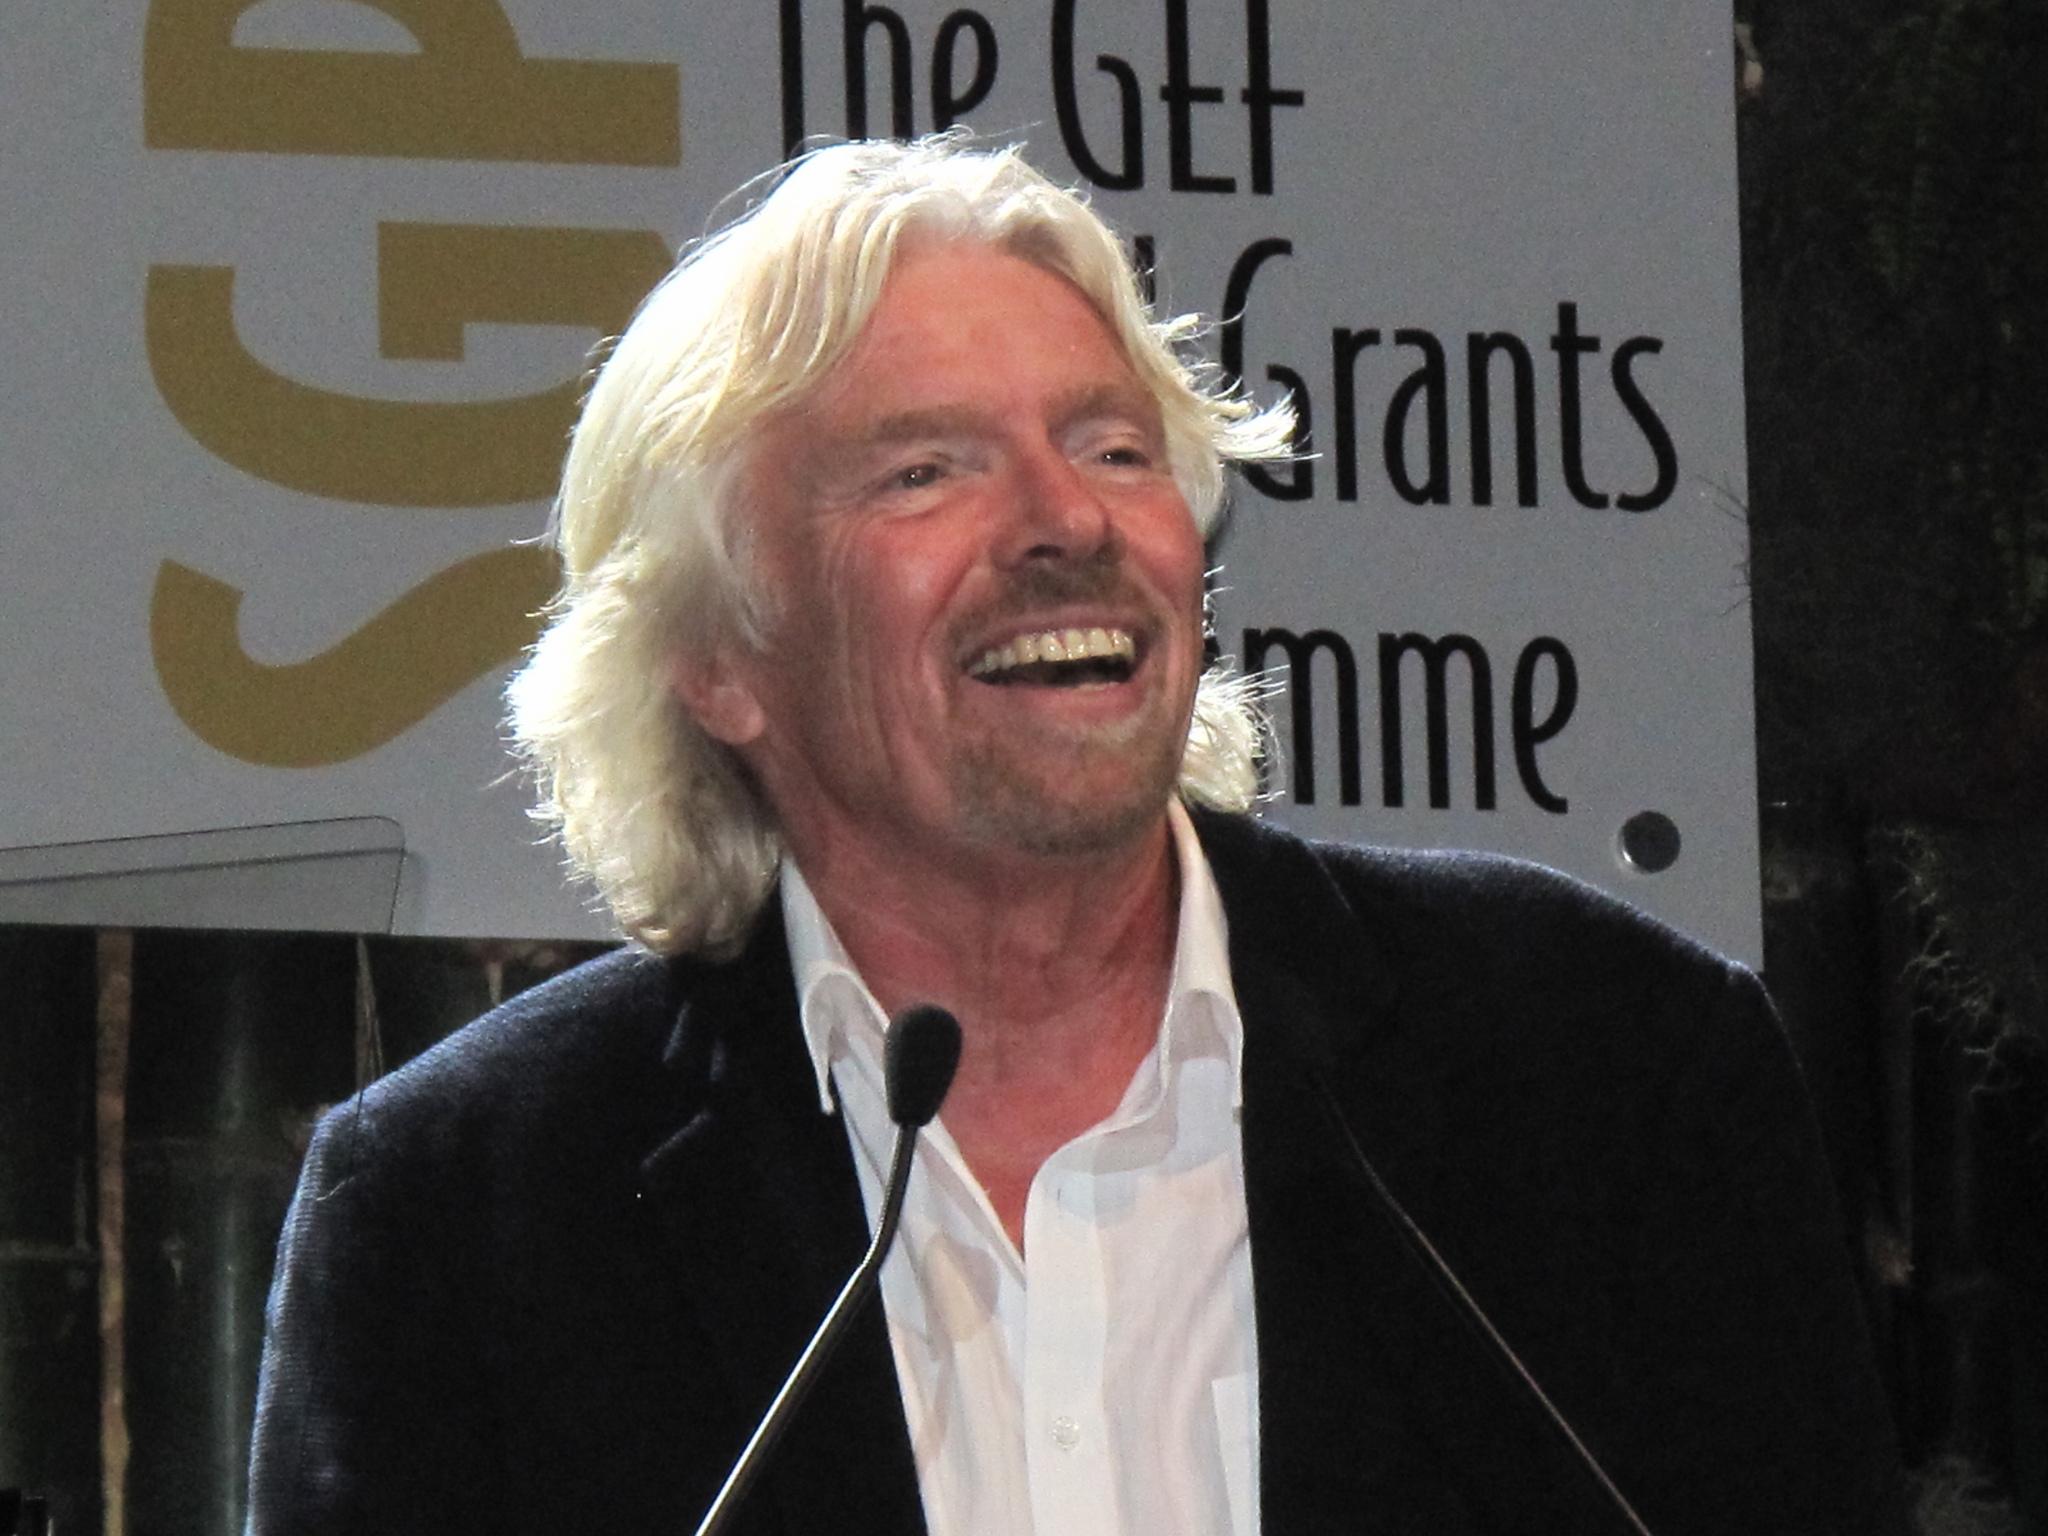 Richard Branson recibió el premio Cannabis Culture Award en nombre de la Comisión Global de Política Drogas en 2012 (CC. UNclimatechange)